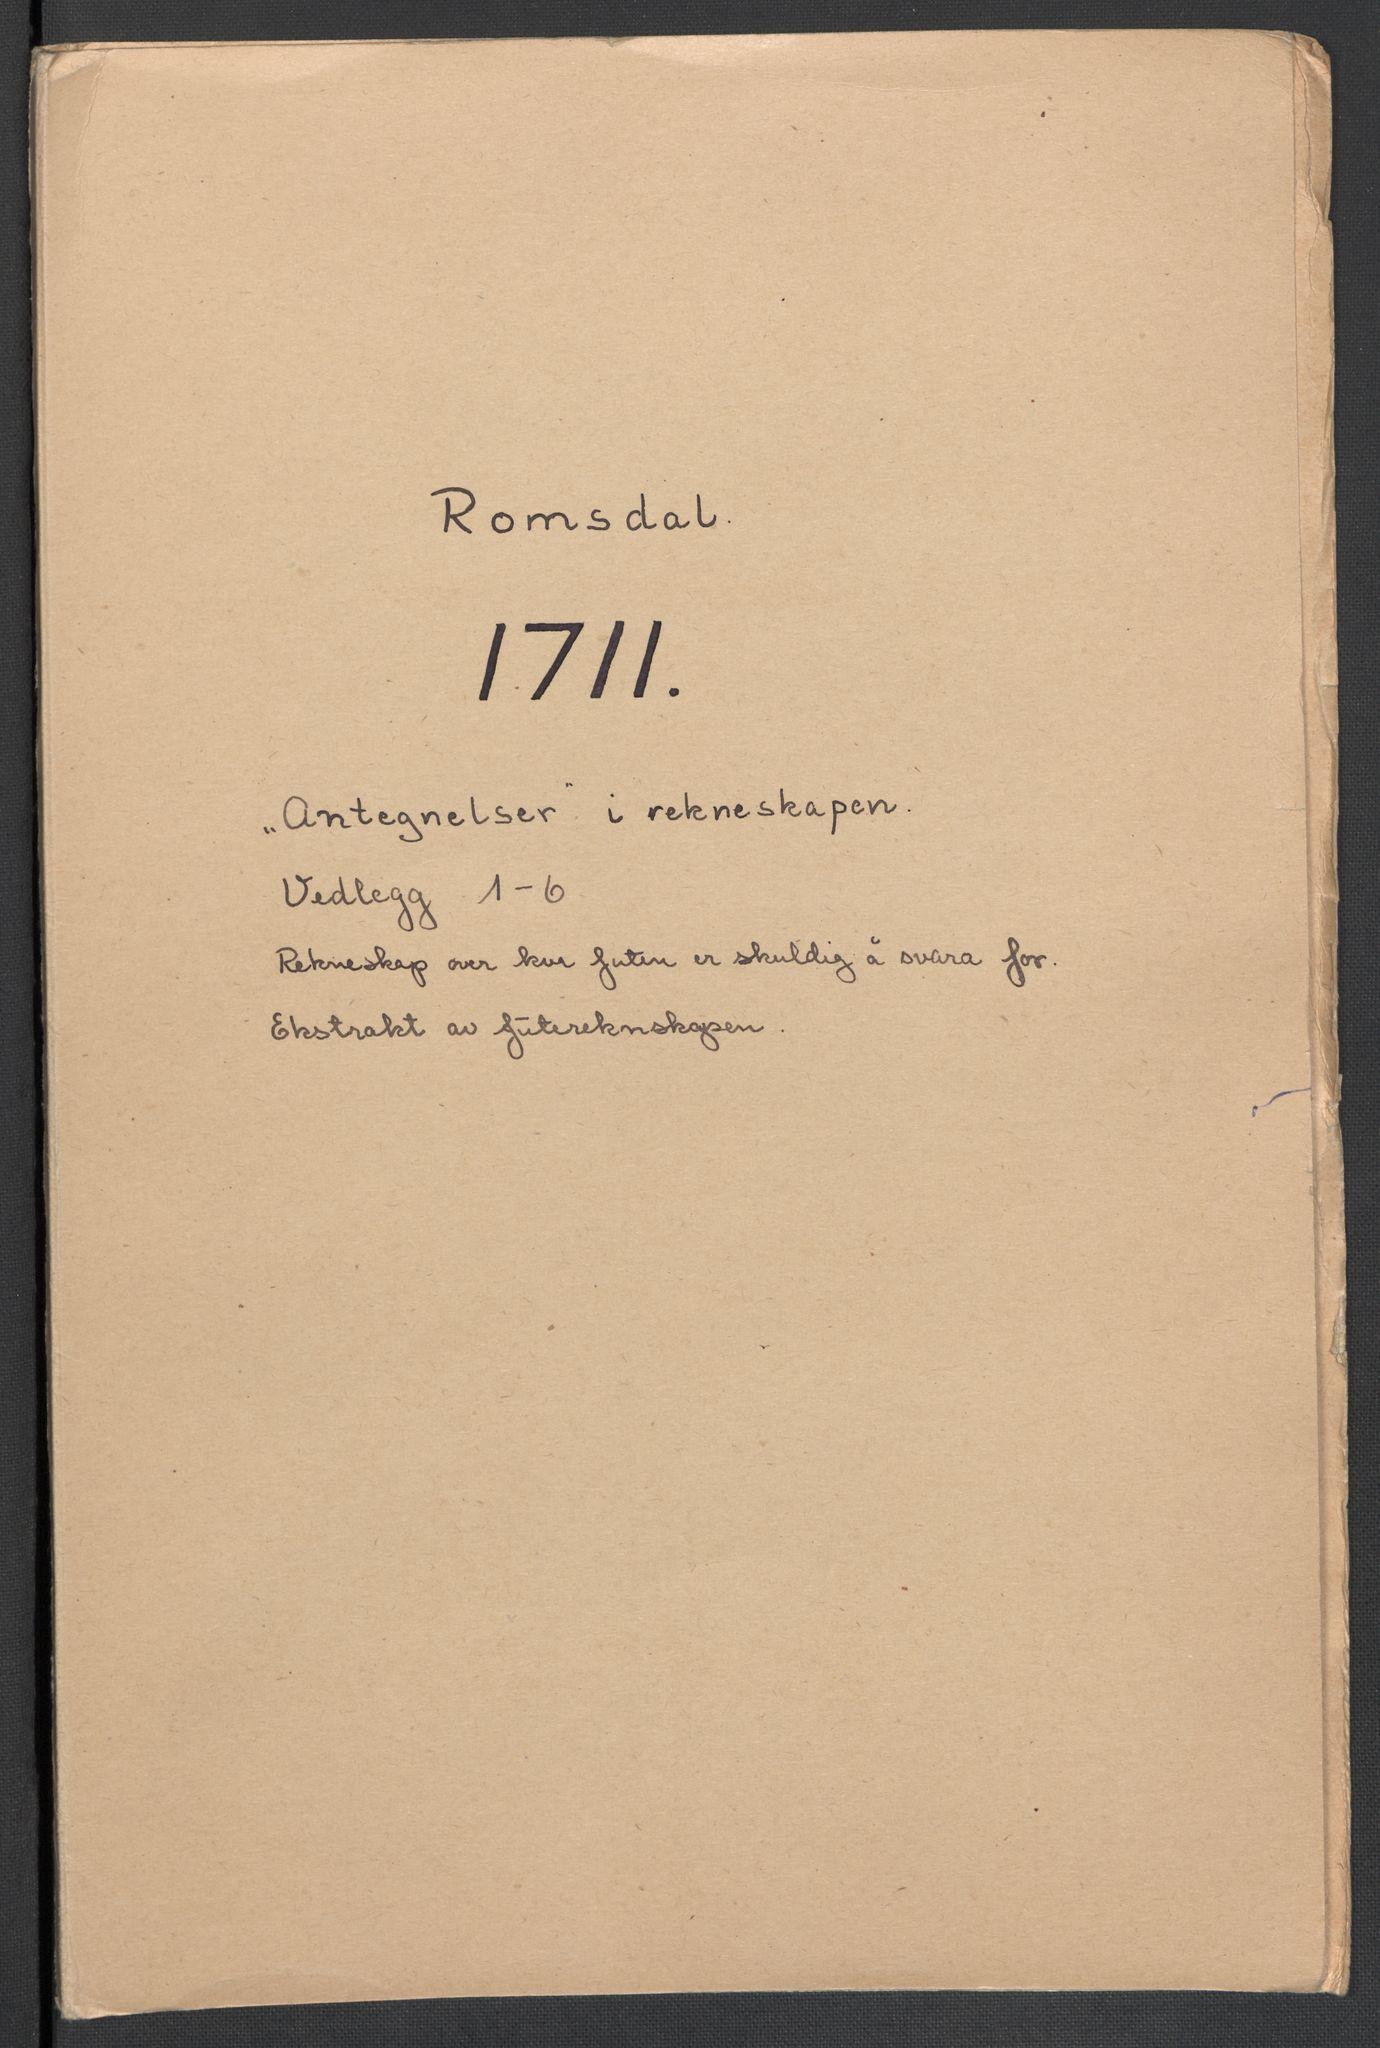 RA, Rentekammeret inntil 1814, Reviderte regnskaper, Fogderegnskap, R55/L3660: Fogderegnskap Romsdal, 1711, s. 449